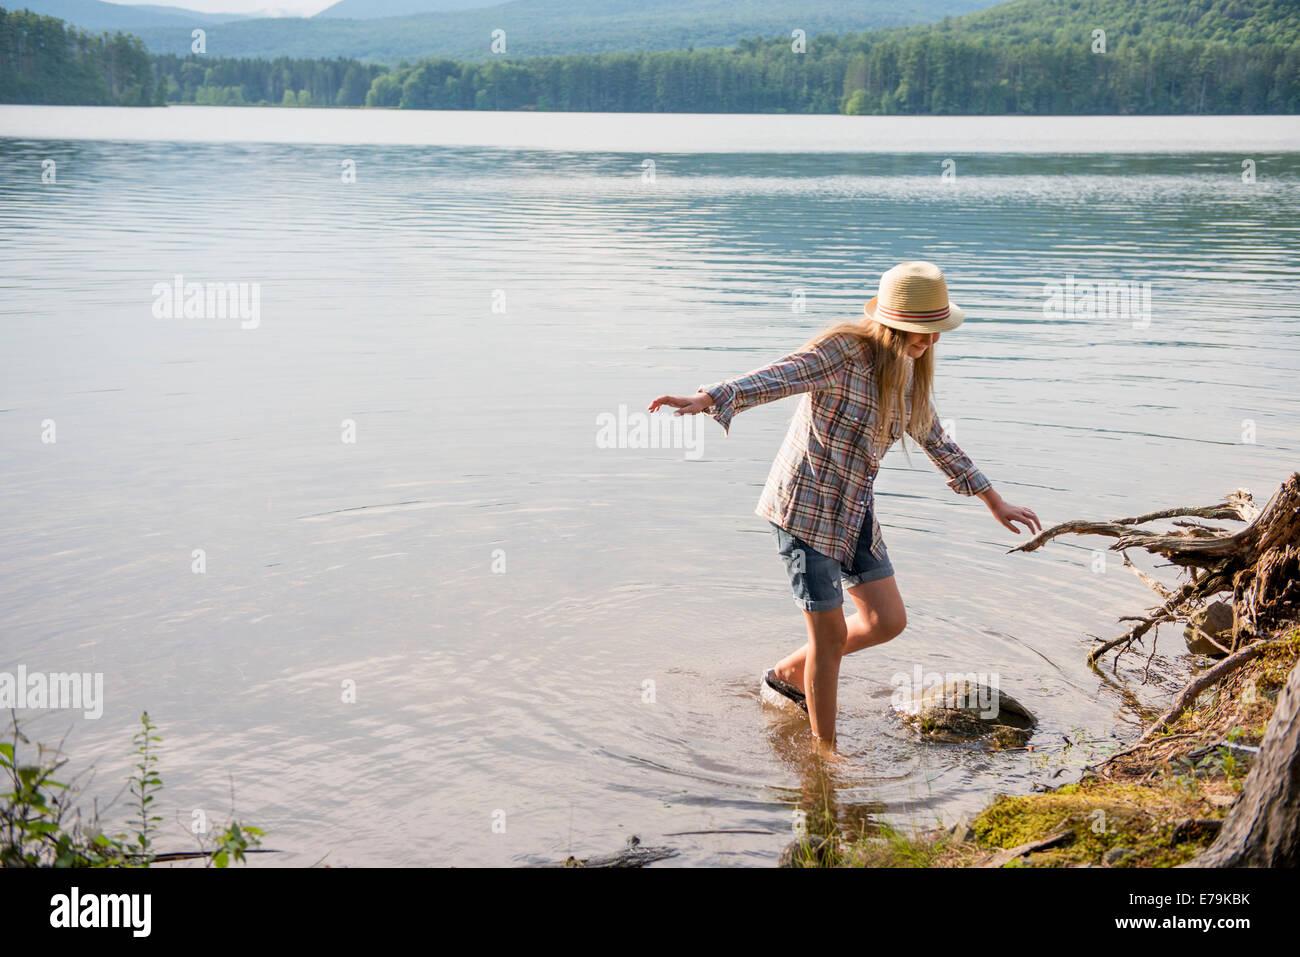 Ein junges Mädchen in einem Strohhut und Shorts Paddeln im flachen Wasser eines Sees. Stockfoto